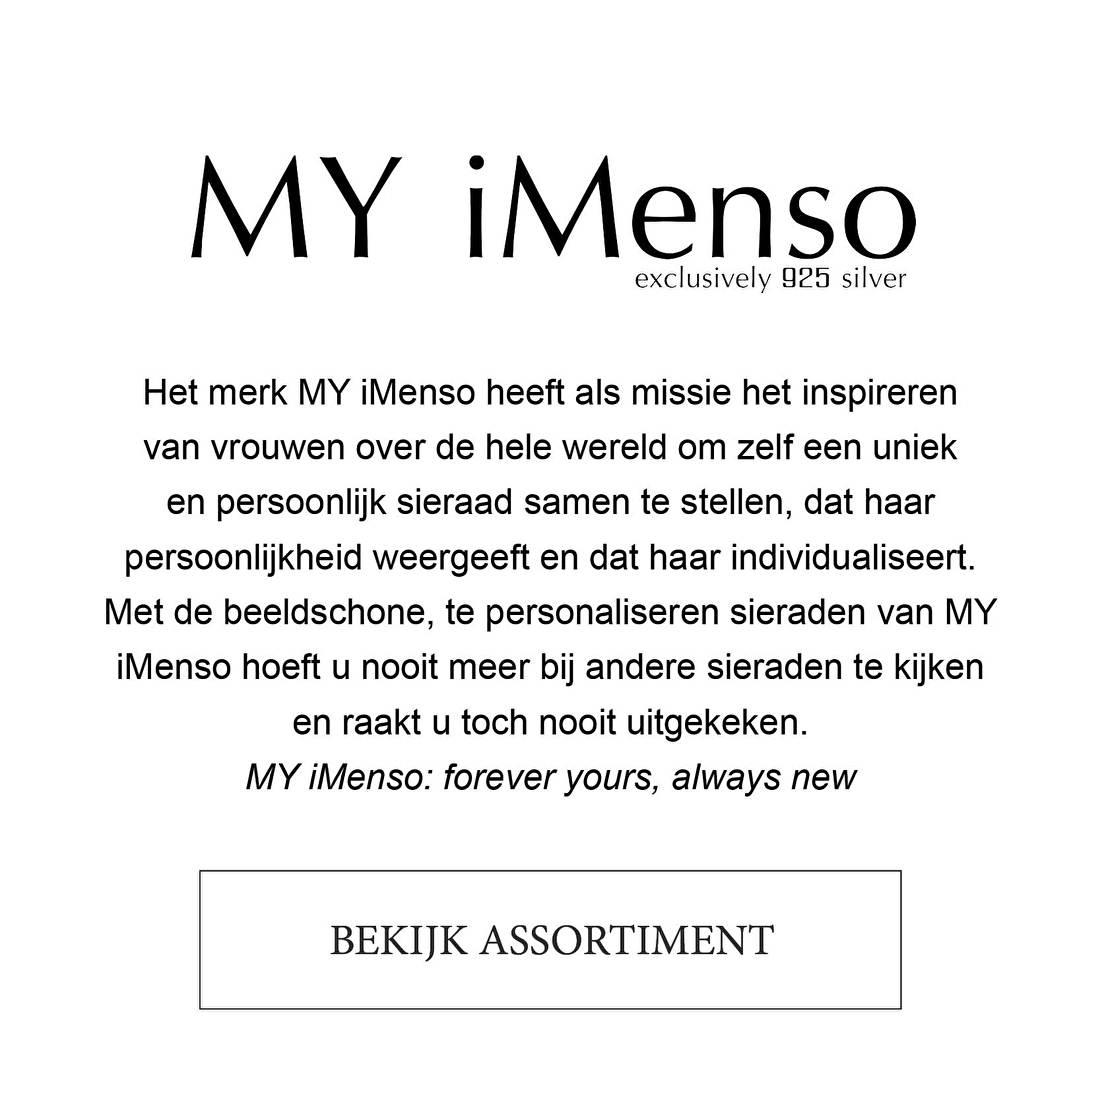 Het merk MY iMenso heeft als missie het inspireren van vrouwen over de hele wereld om zelf een uniek en persoonlijk sieraad samen te stellen, dat haar persoonlijkheid weergeeft en dat haar individualiseert. Met de beeldschone, te personaliseren sieraden van MY iMenso hoeft u nooit meer bij andere sieraden te kijken  en raakt u toch nooit uitgekeken.  MY iMenso: forever yours, always new